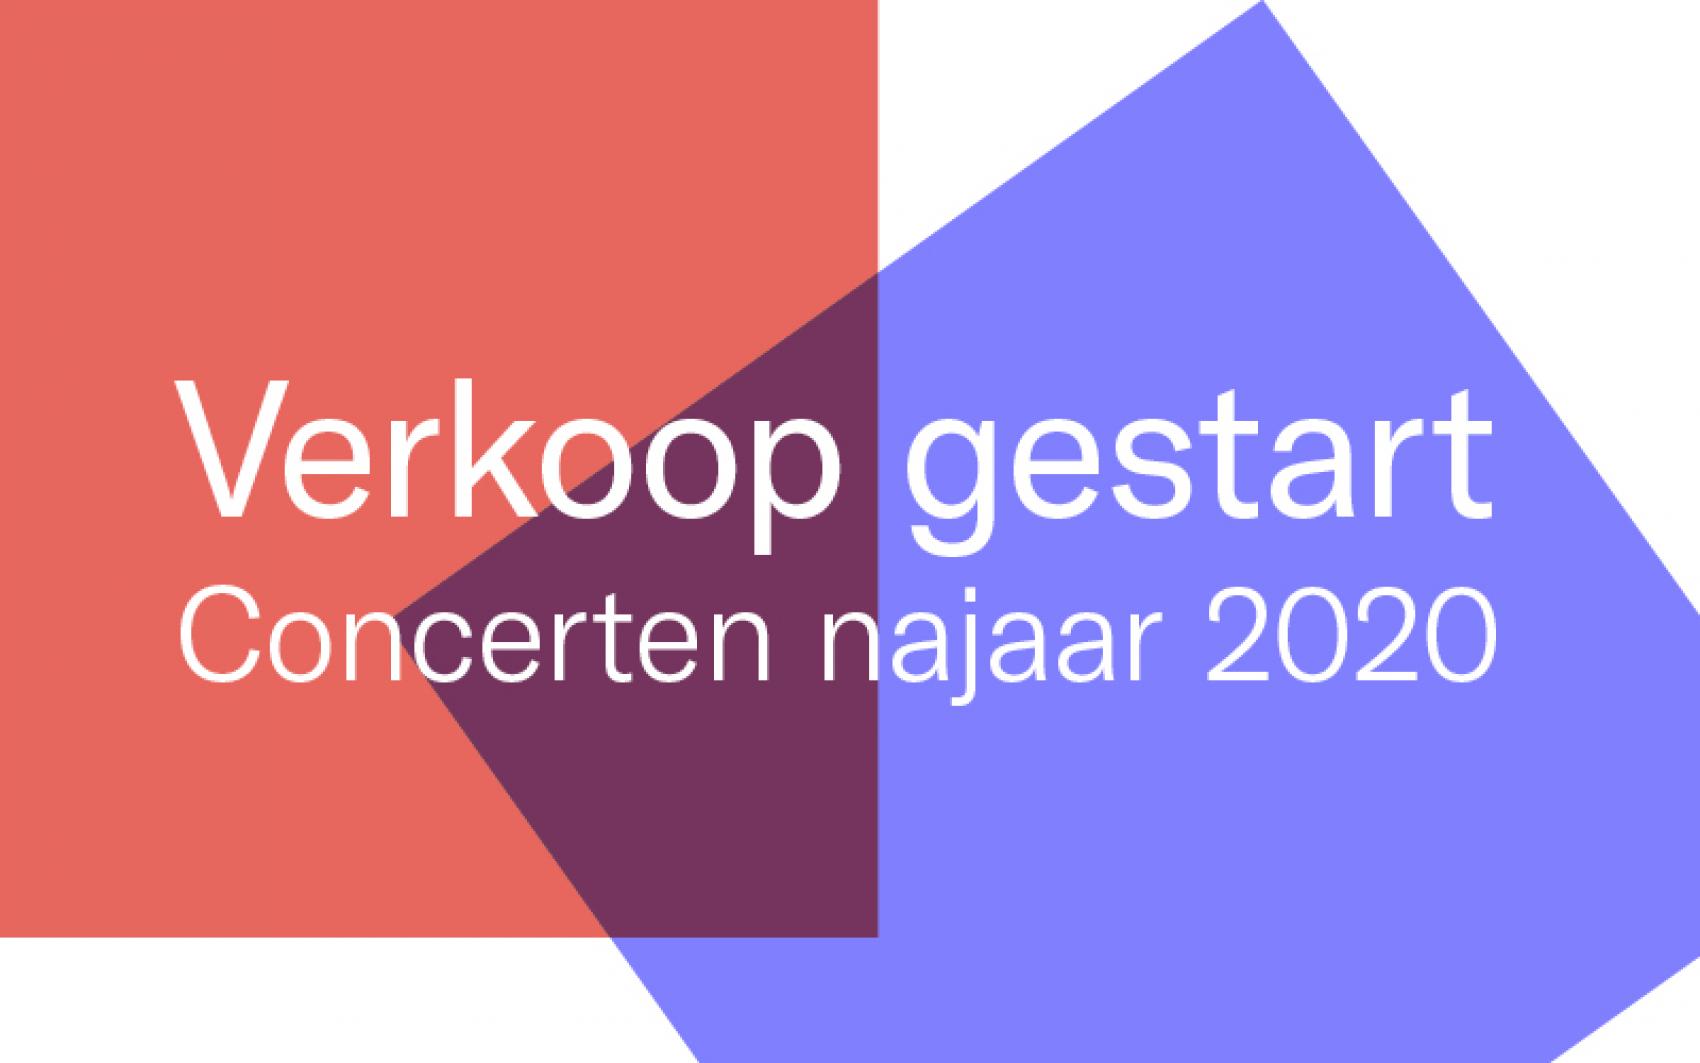 Concerten najaar 2020